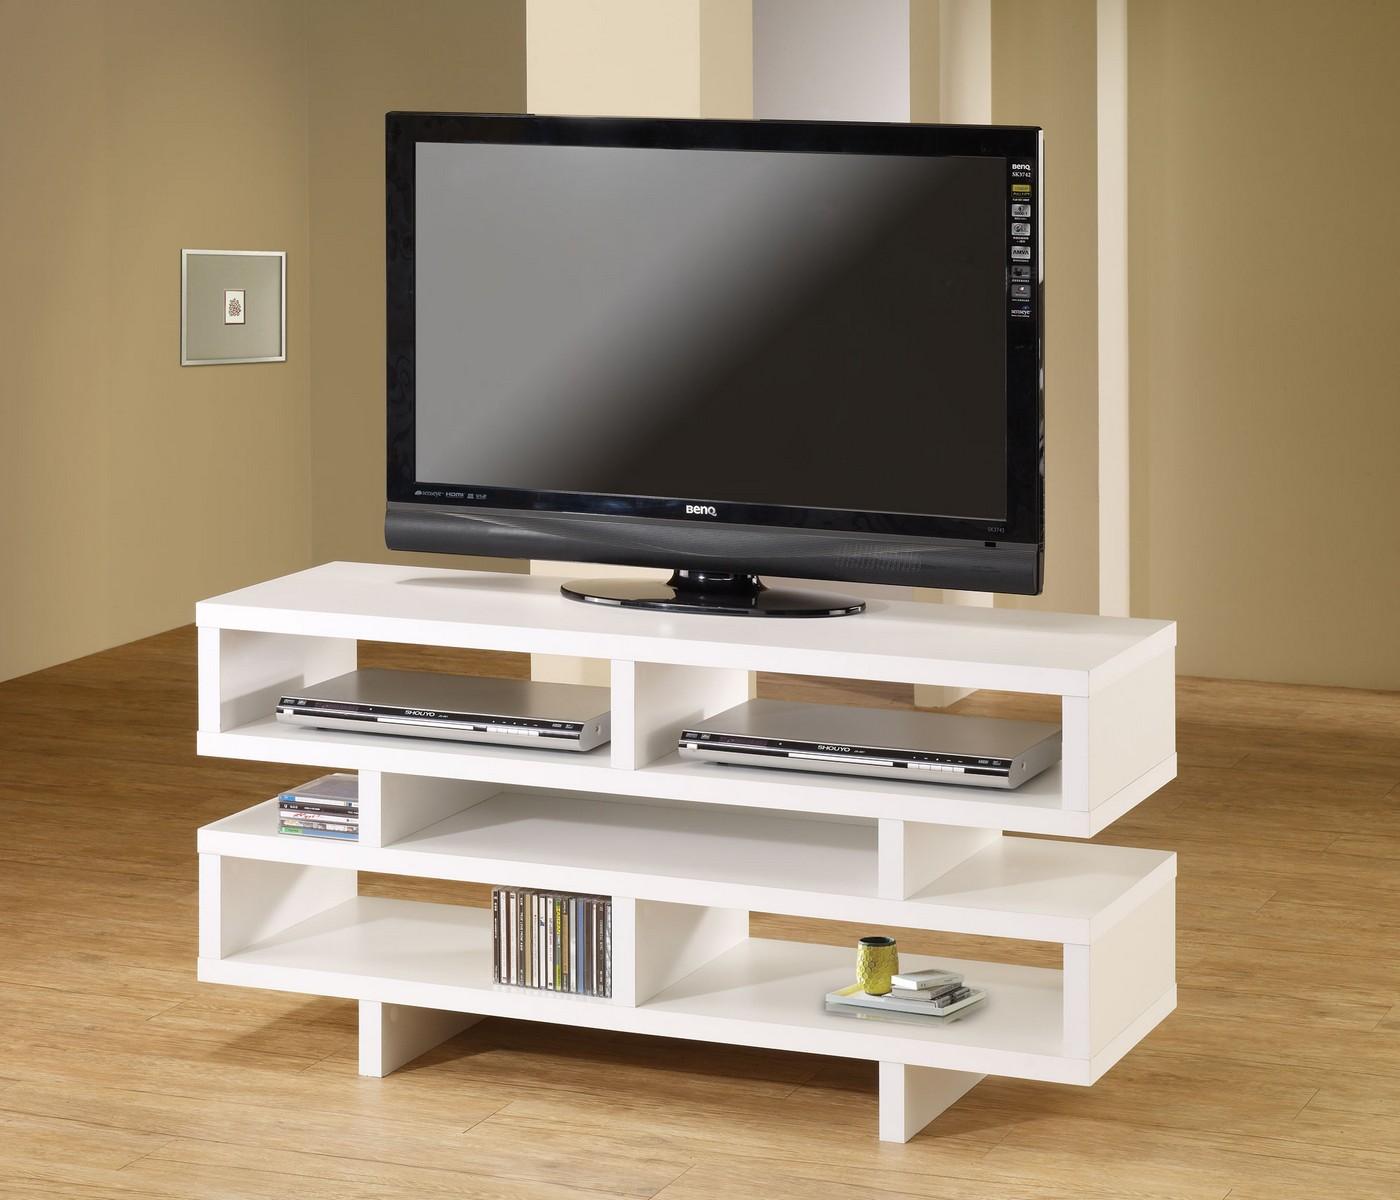 Coaster 700721 TV Console - White